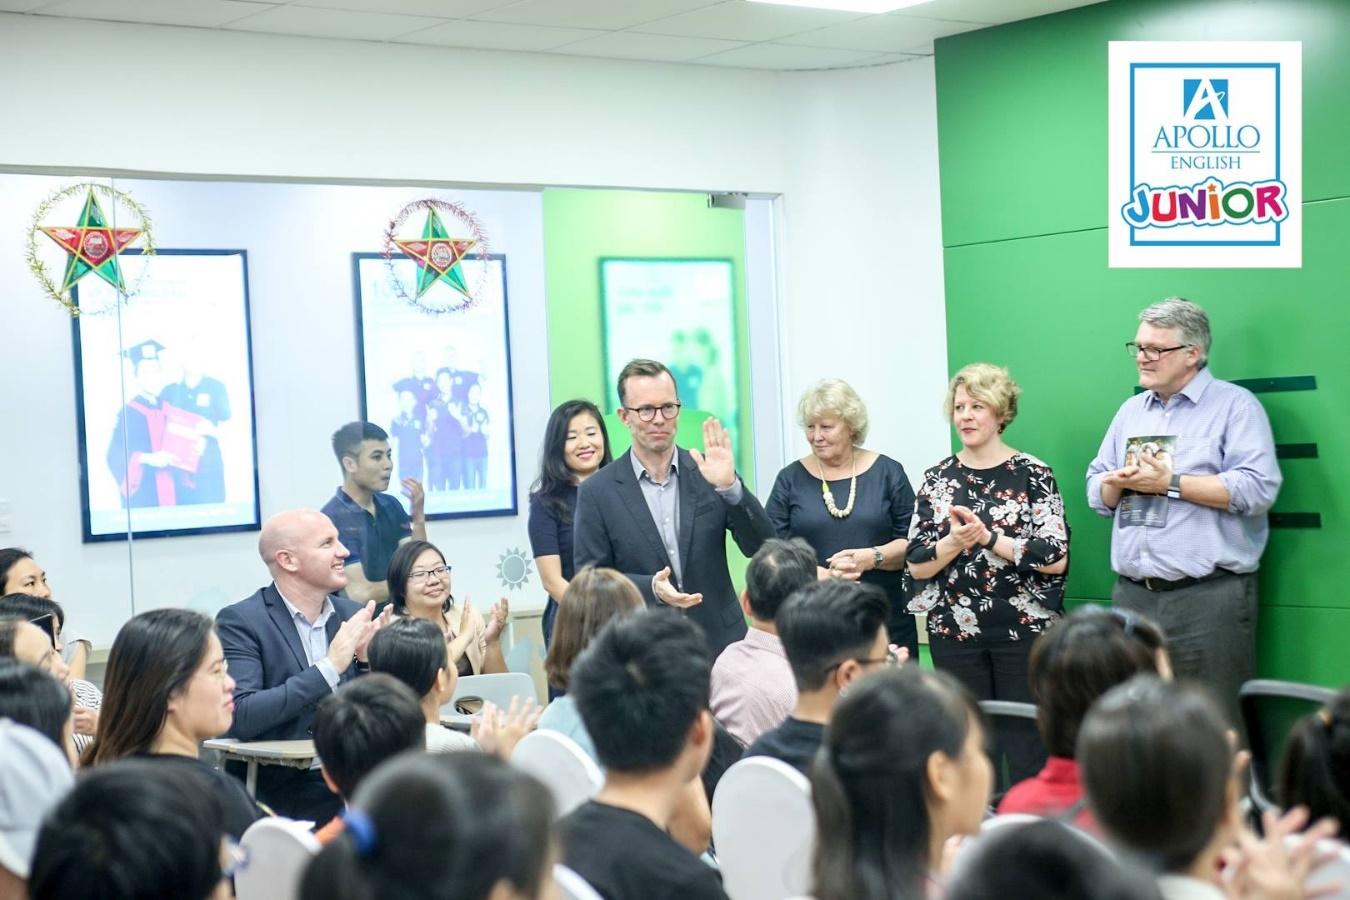 Chứng chỉ Apollo English được công nhận tại New Zealand và Australia